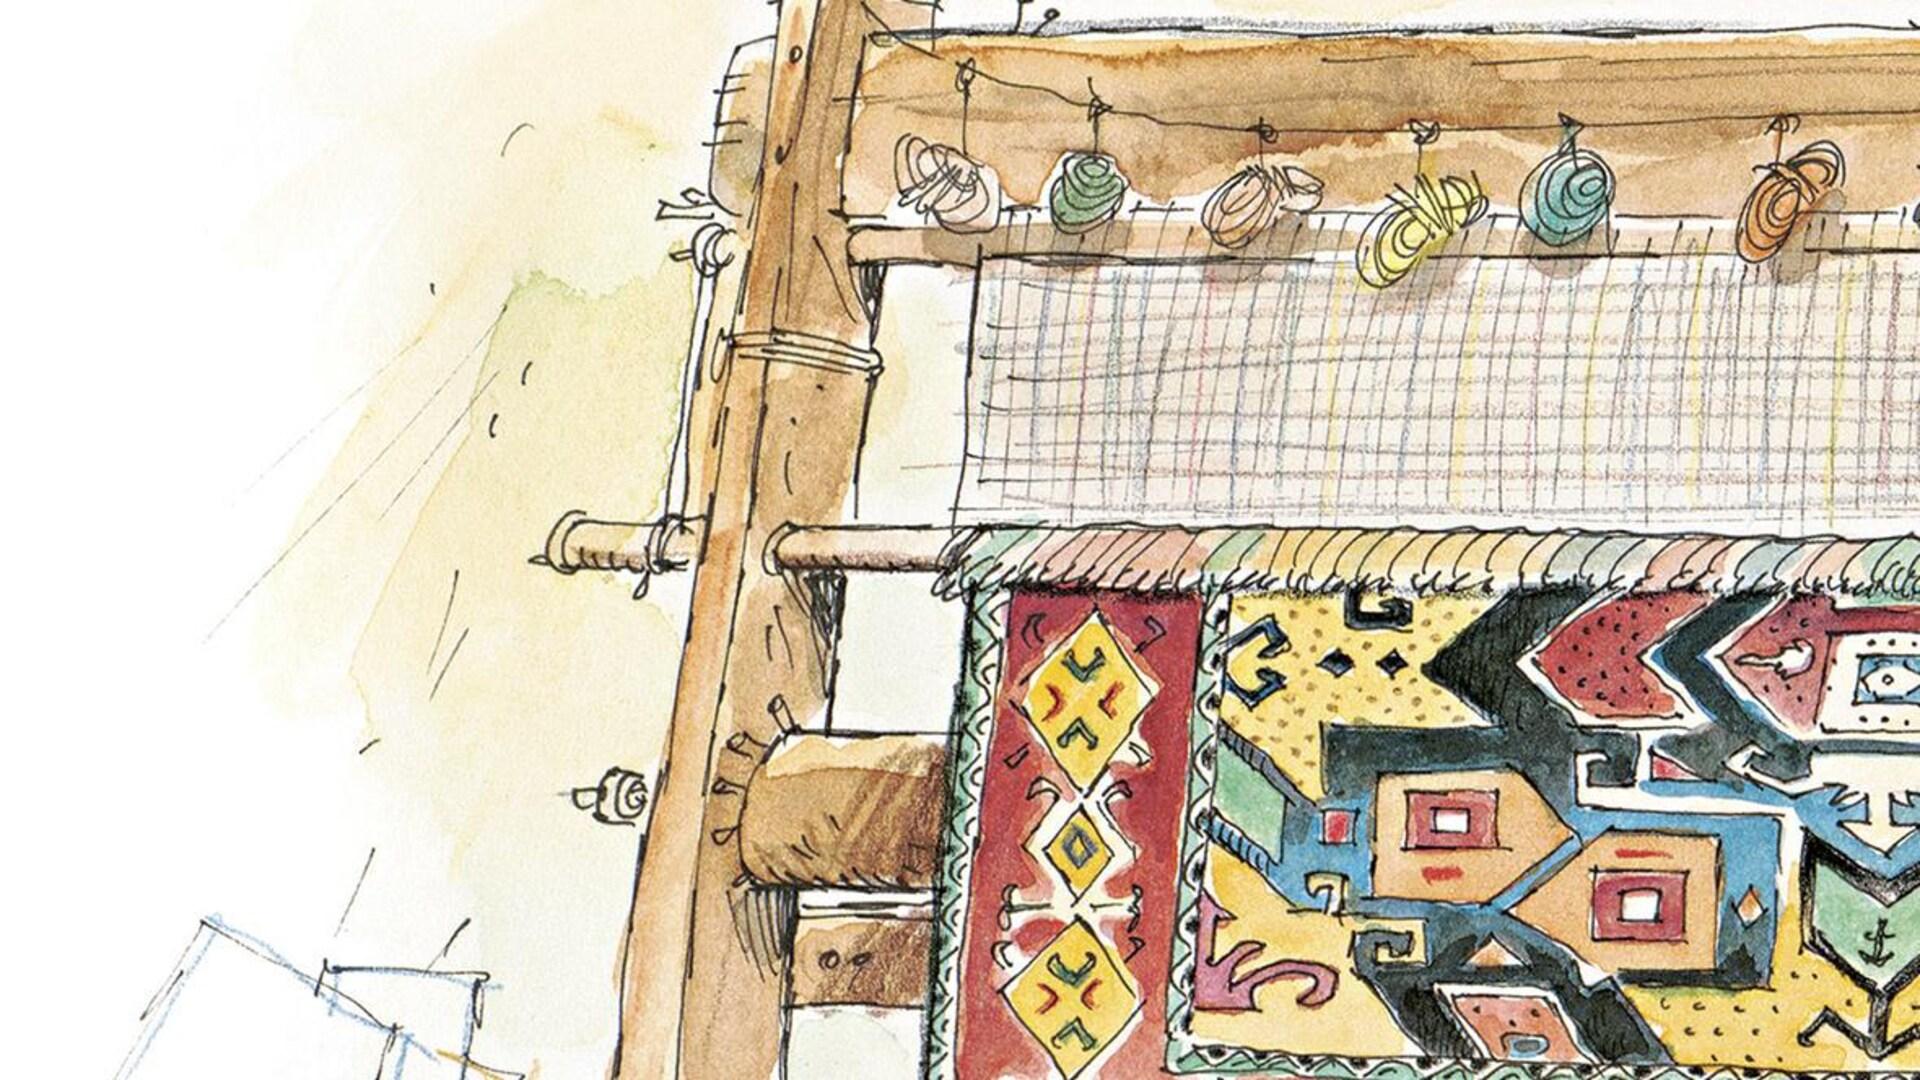 Une photo de la couverture : un enfant et des tapis colorés